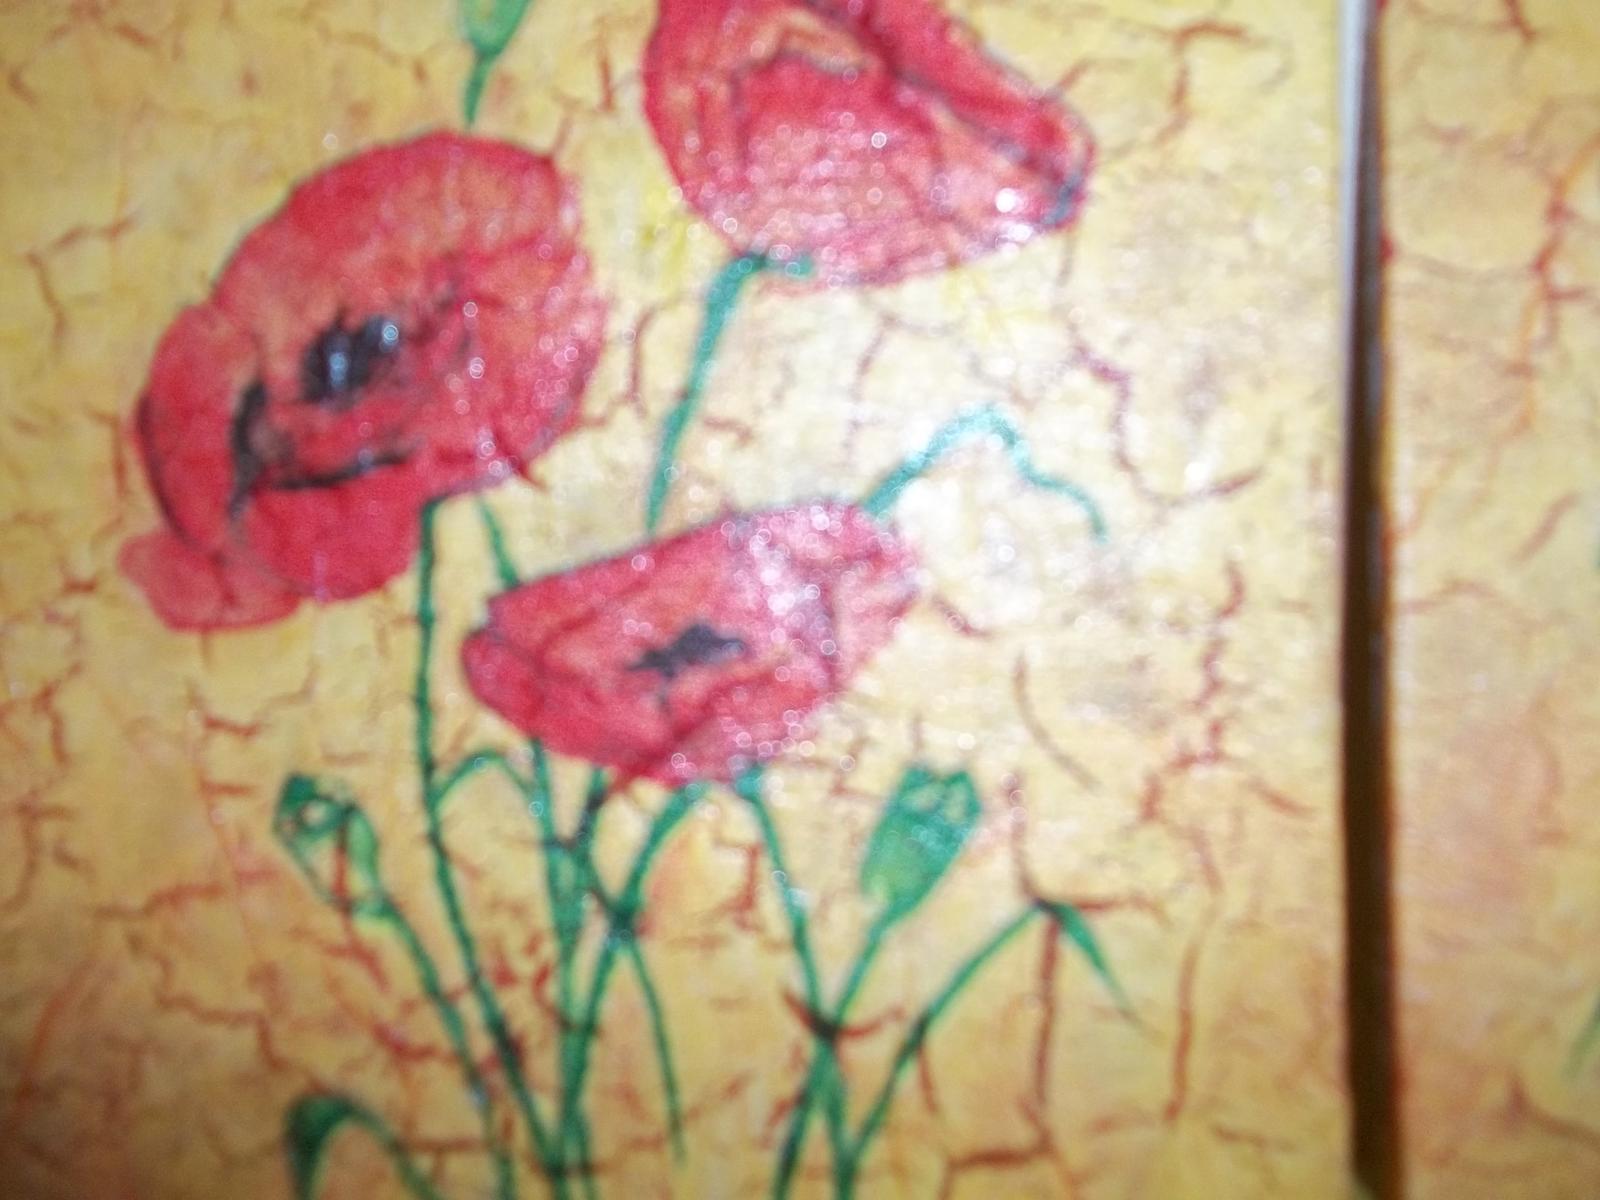 Dva obrázky s vlčími makmi, cena spolu - Obrázok č. 2